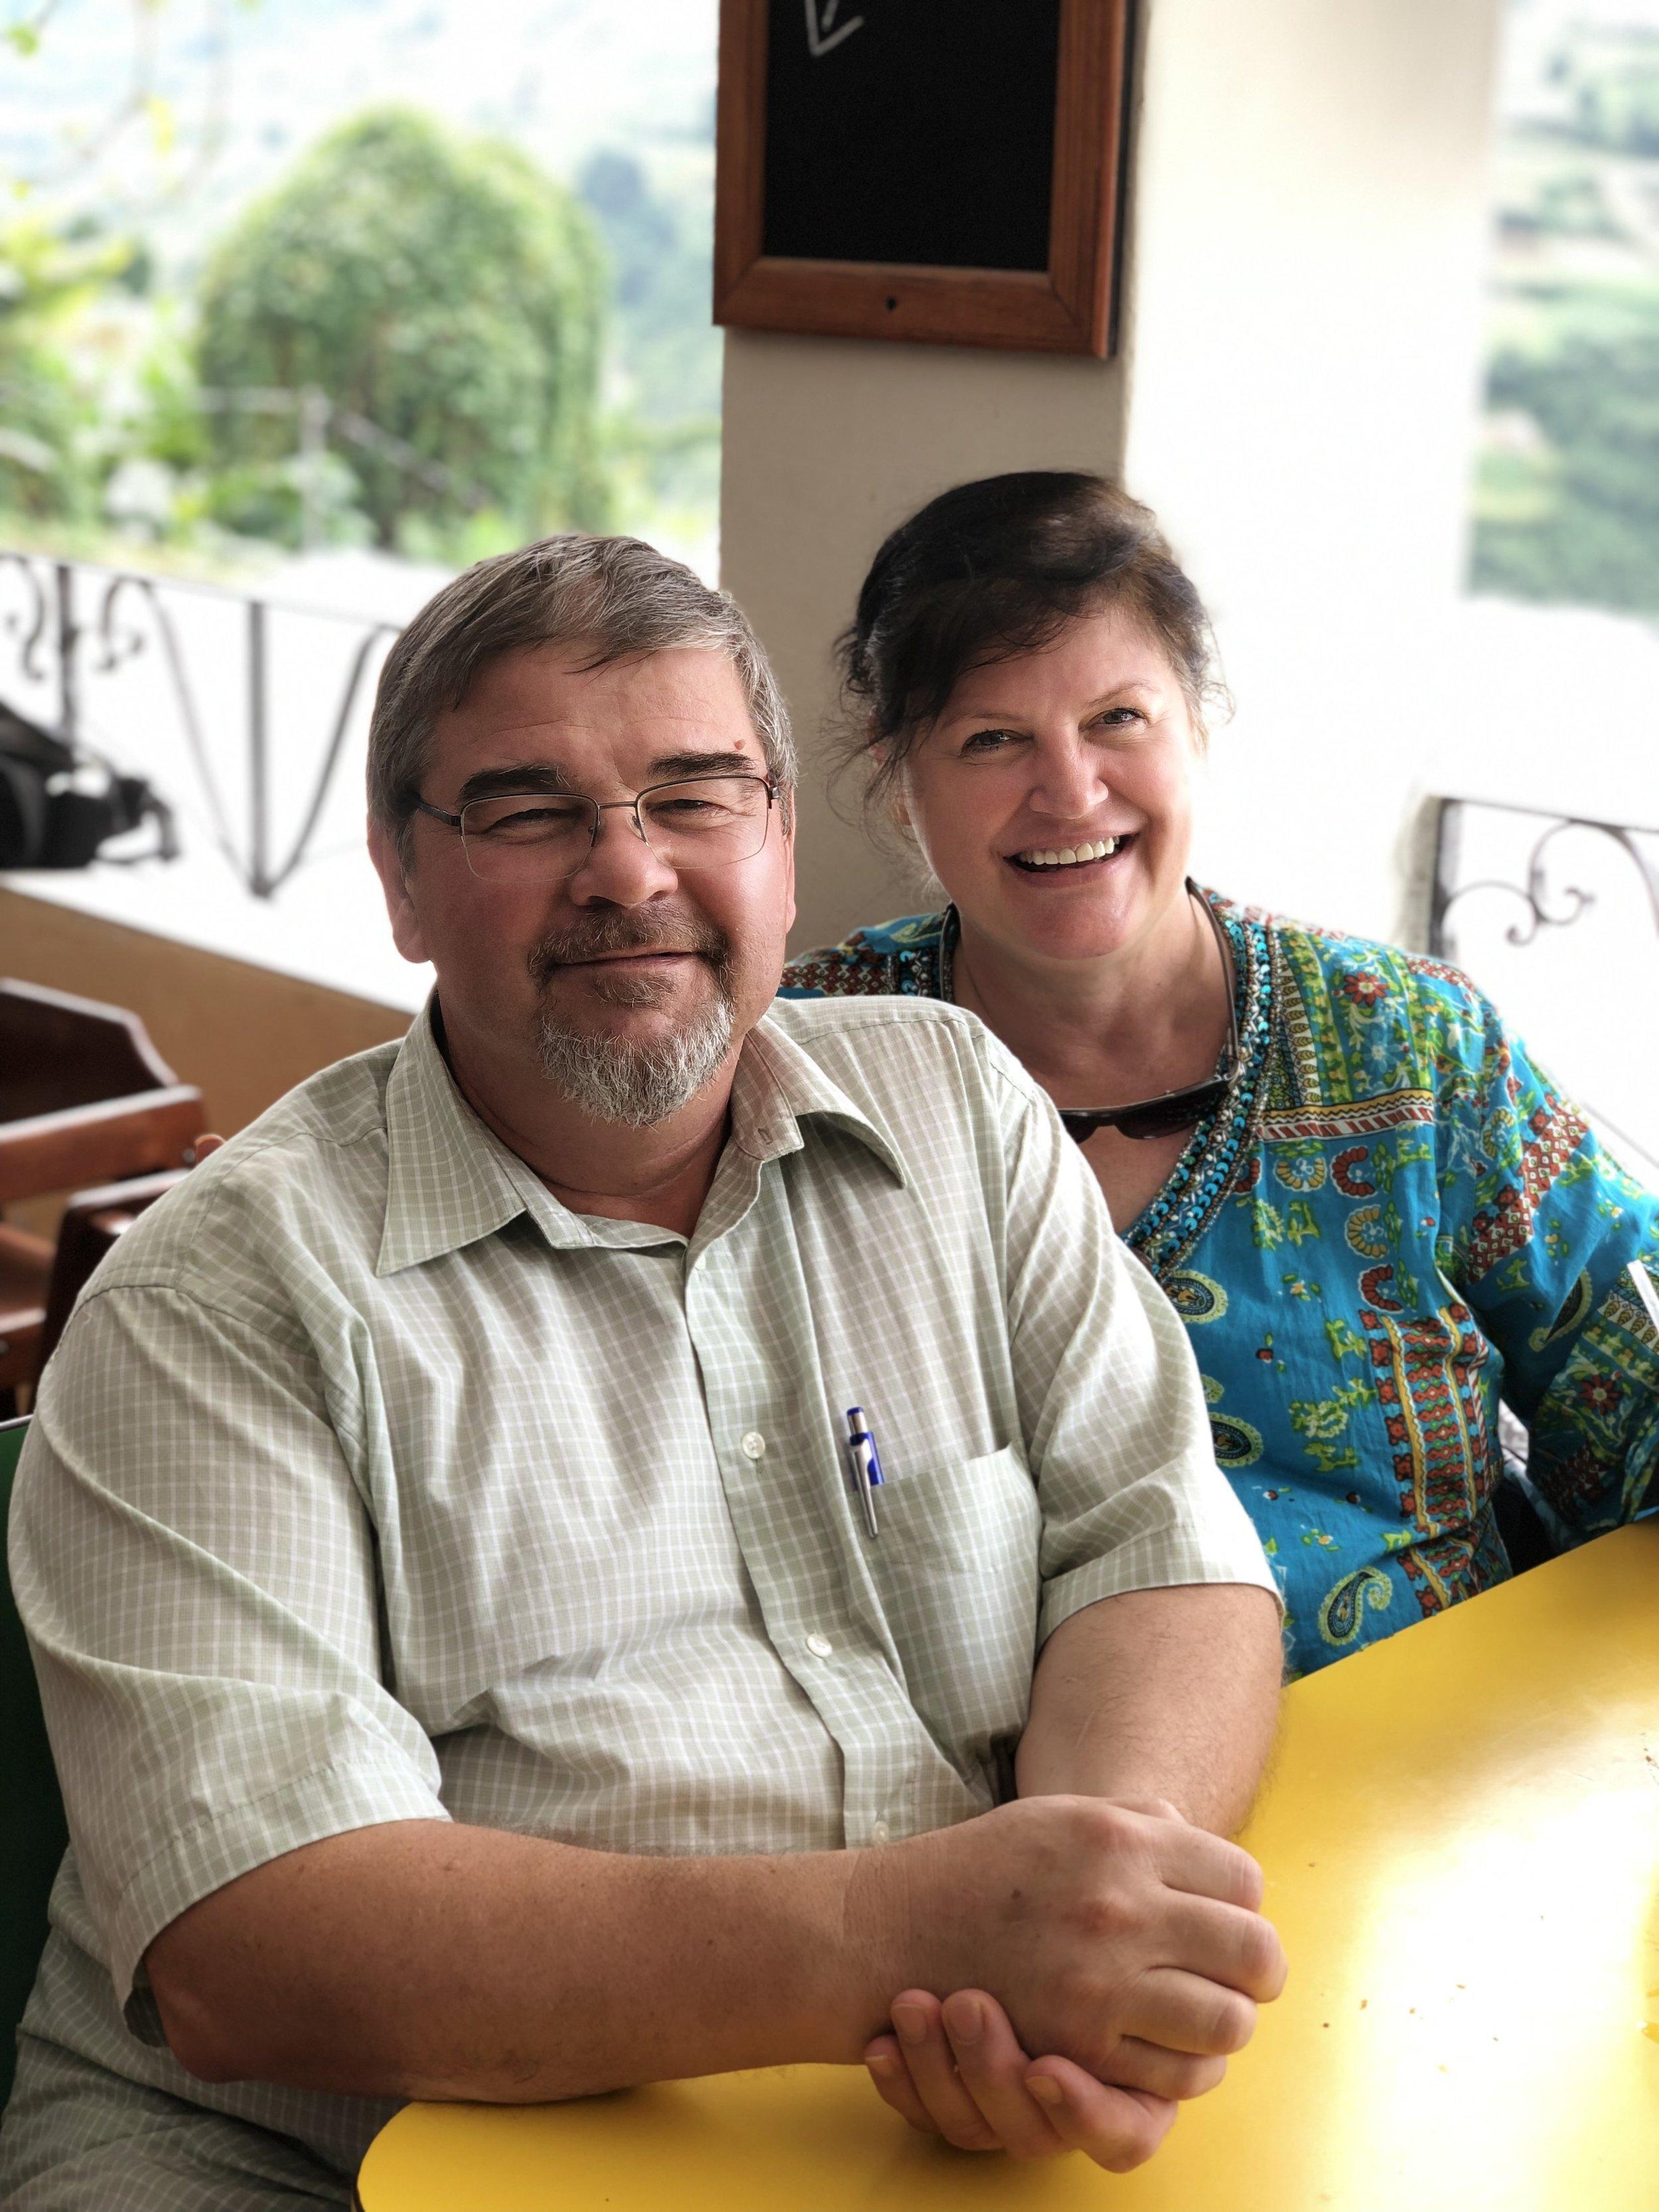 Tim&Karen Nov. 2018.JPG